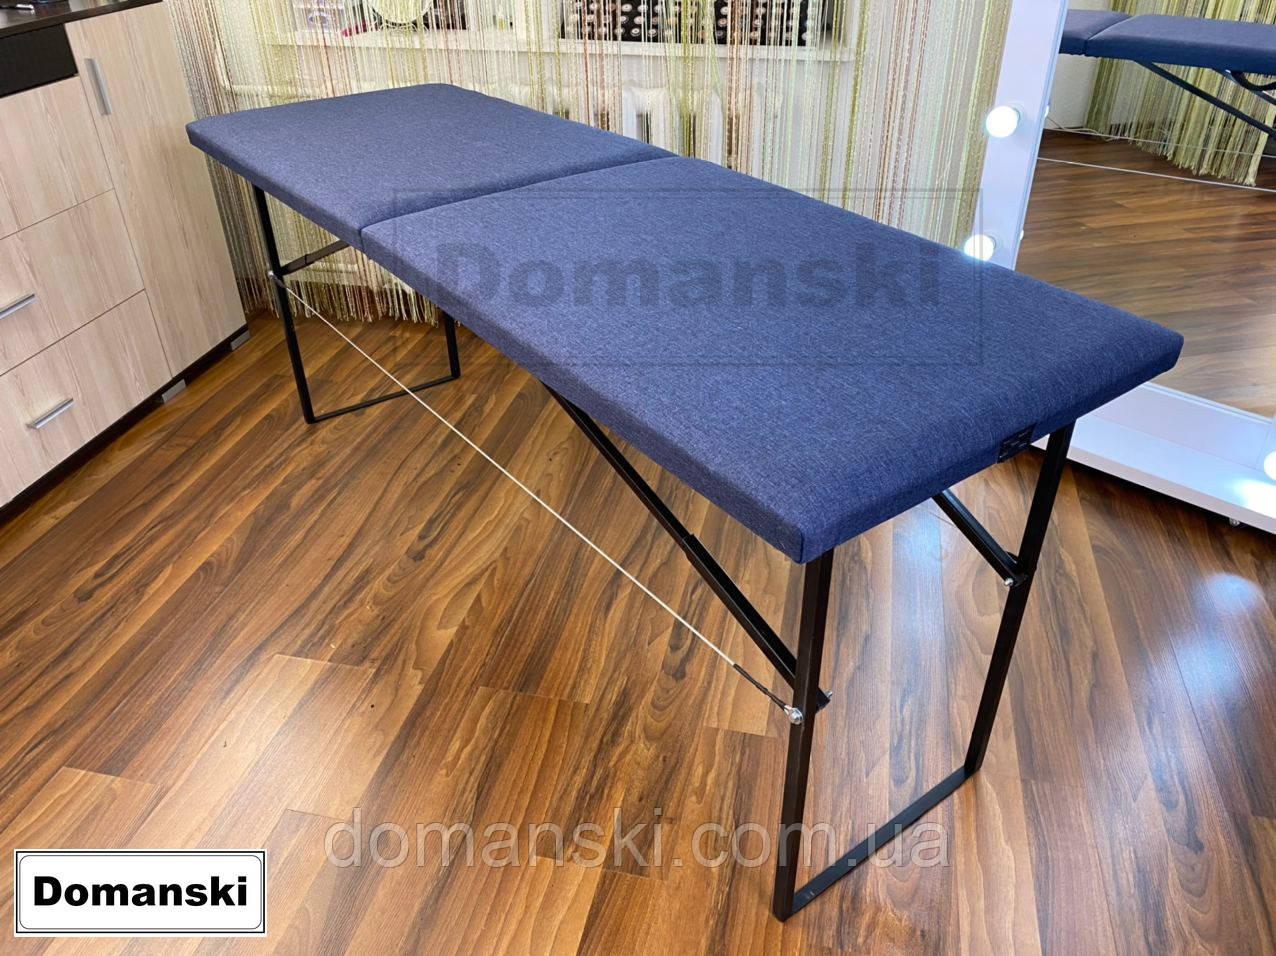 Аренда. Массажный стол, кушетка для наращивания ресниц в аренду.